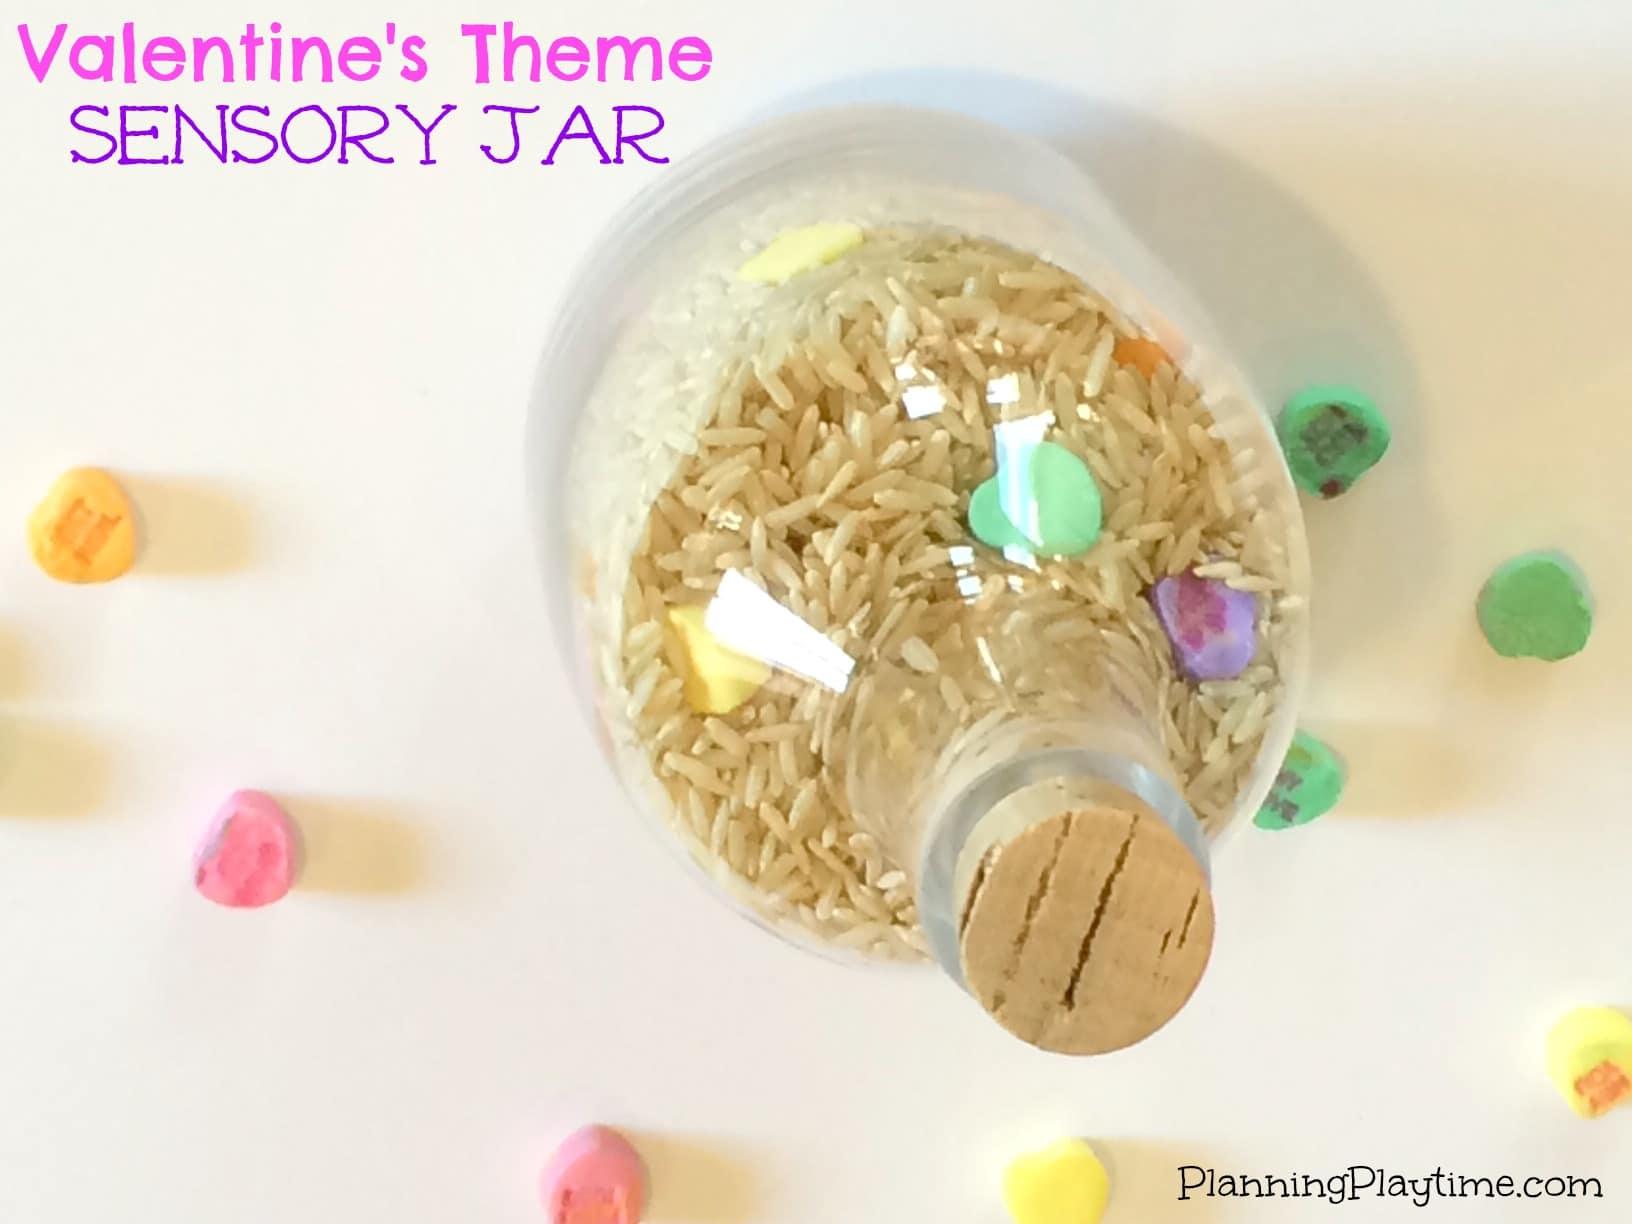 Valentine's Theme Sensory Jar